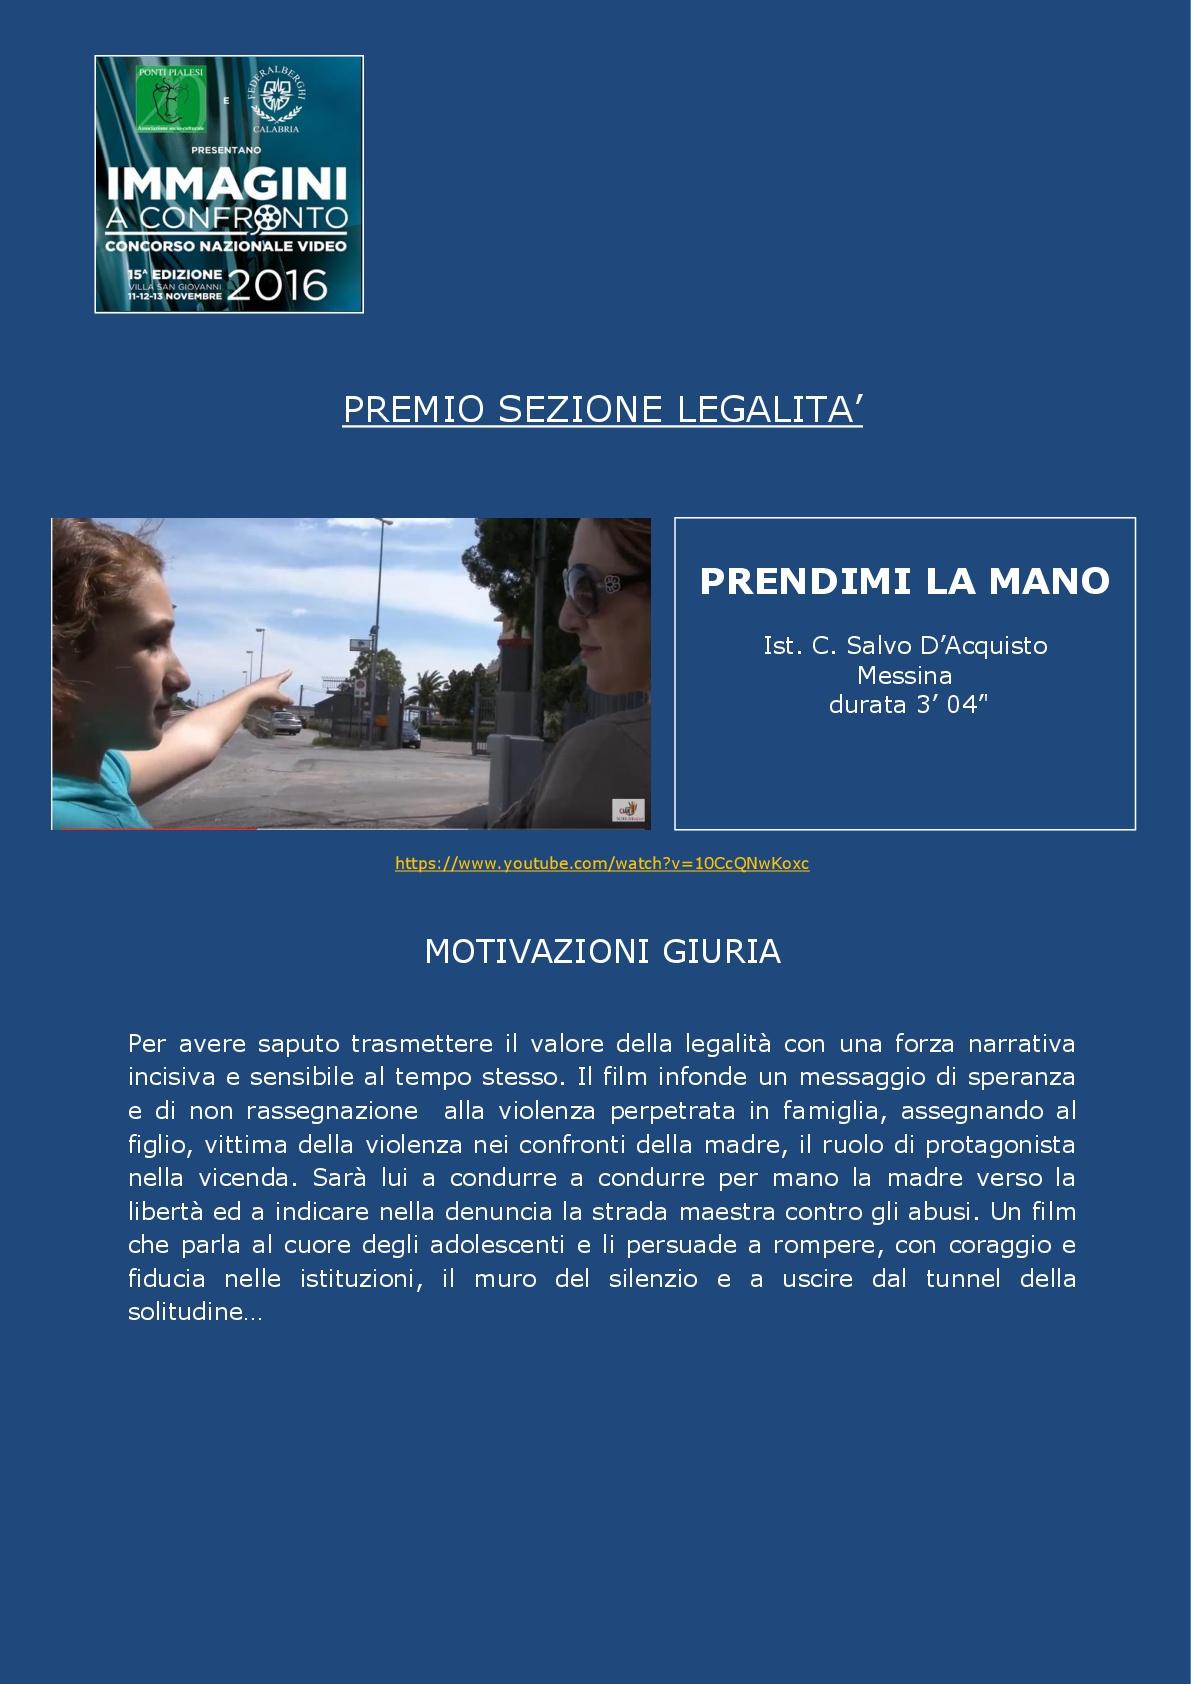 PONTI PIALESI - 15a Edizione IMMAGINI A CONFRONTO 2016 - PREMIAZIONI (11)